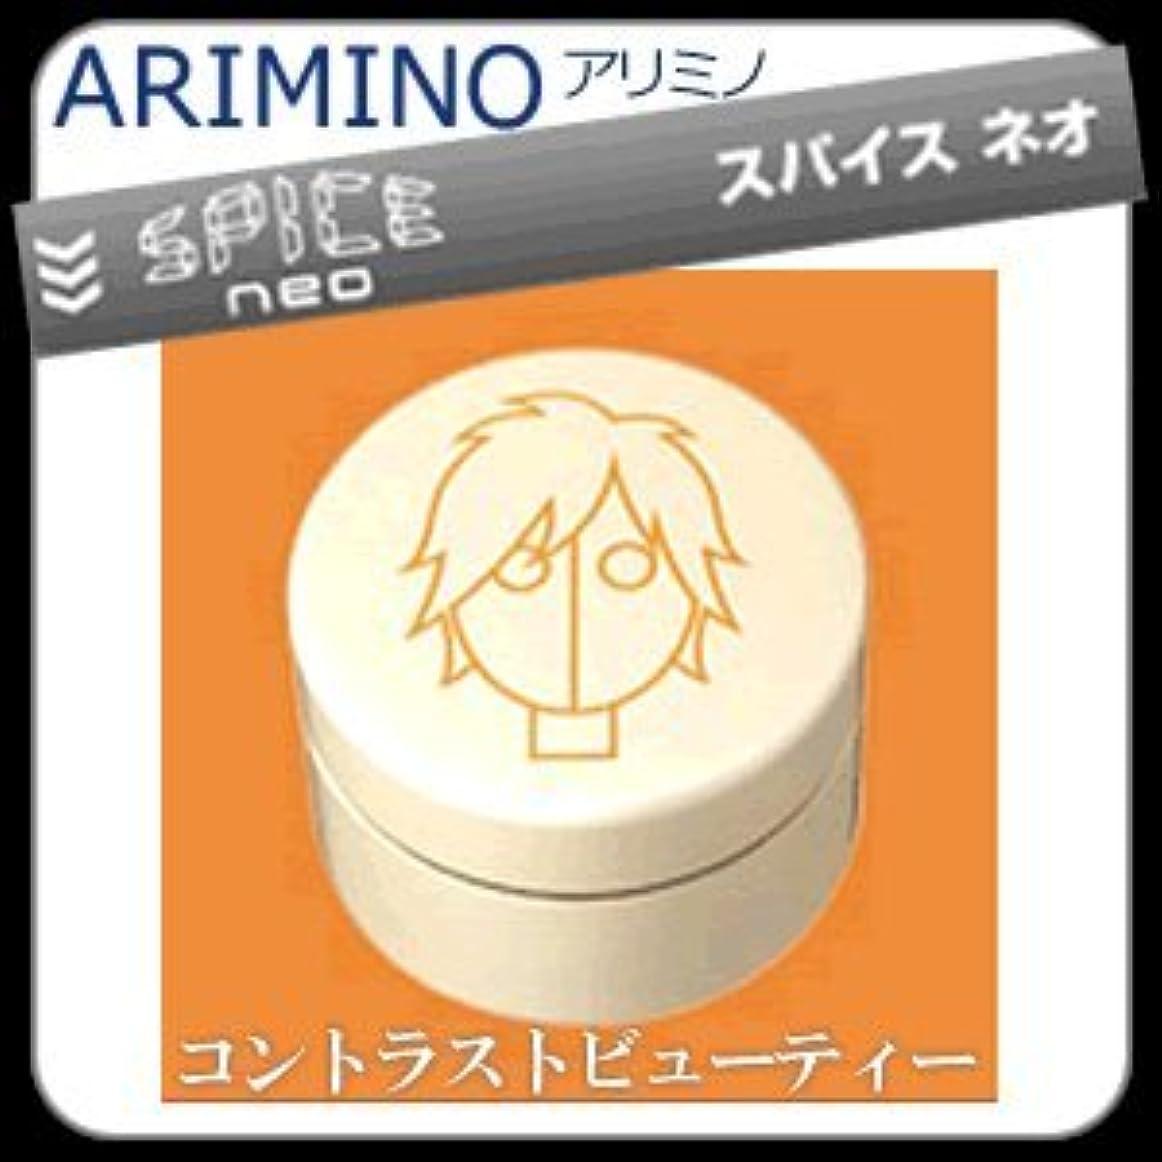 限りコア中傷【X4個セット】 アリミノ スパイスネオ LIGHT HARD-WAX ライトハードワックス 100g ARIMINO SPICE neo